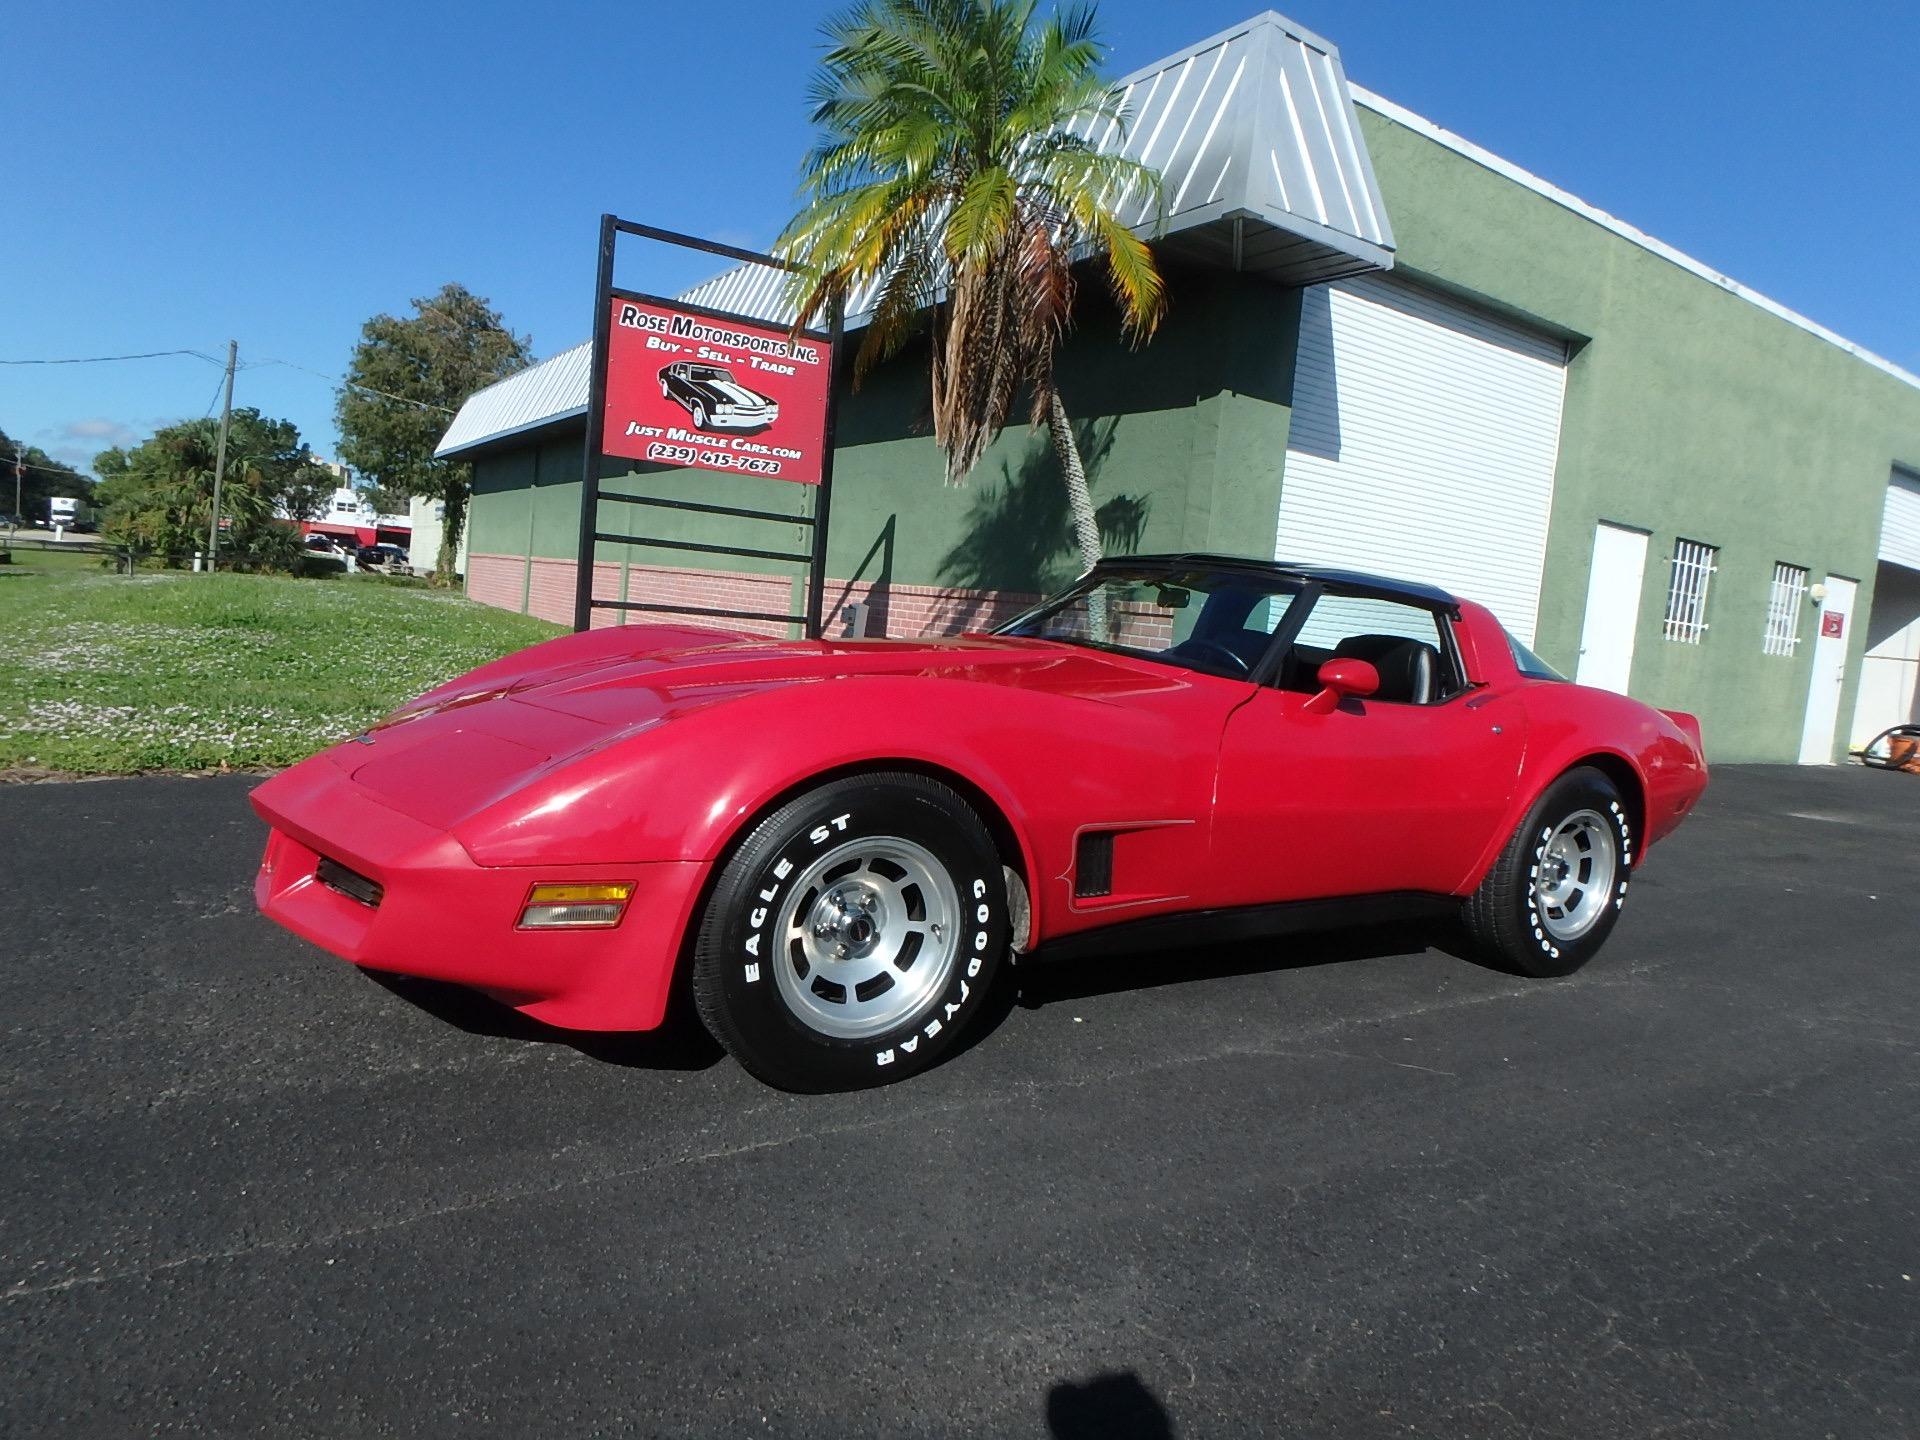 Used 1981 Chevy Corvette